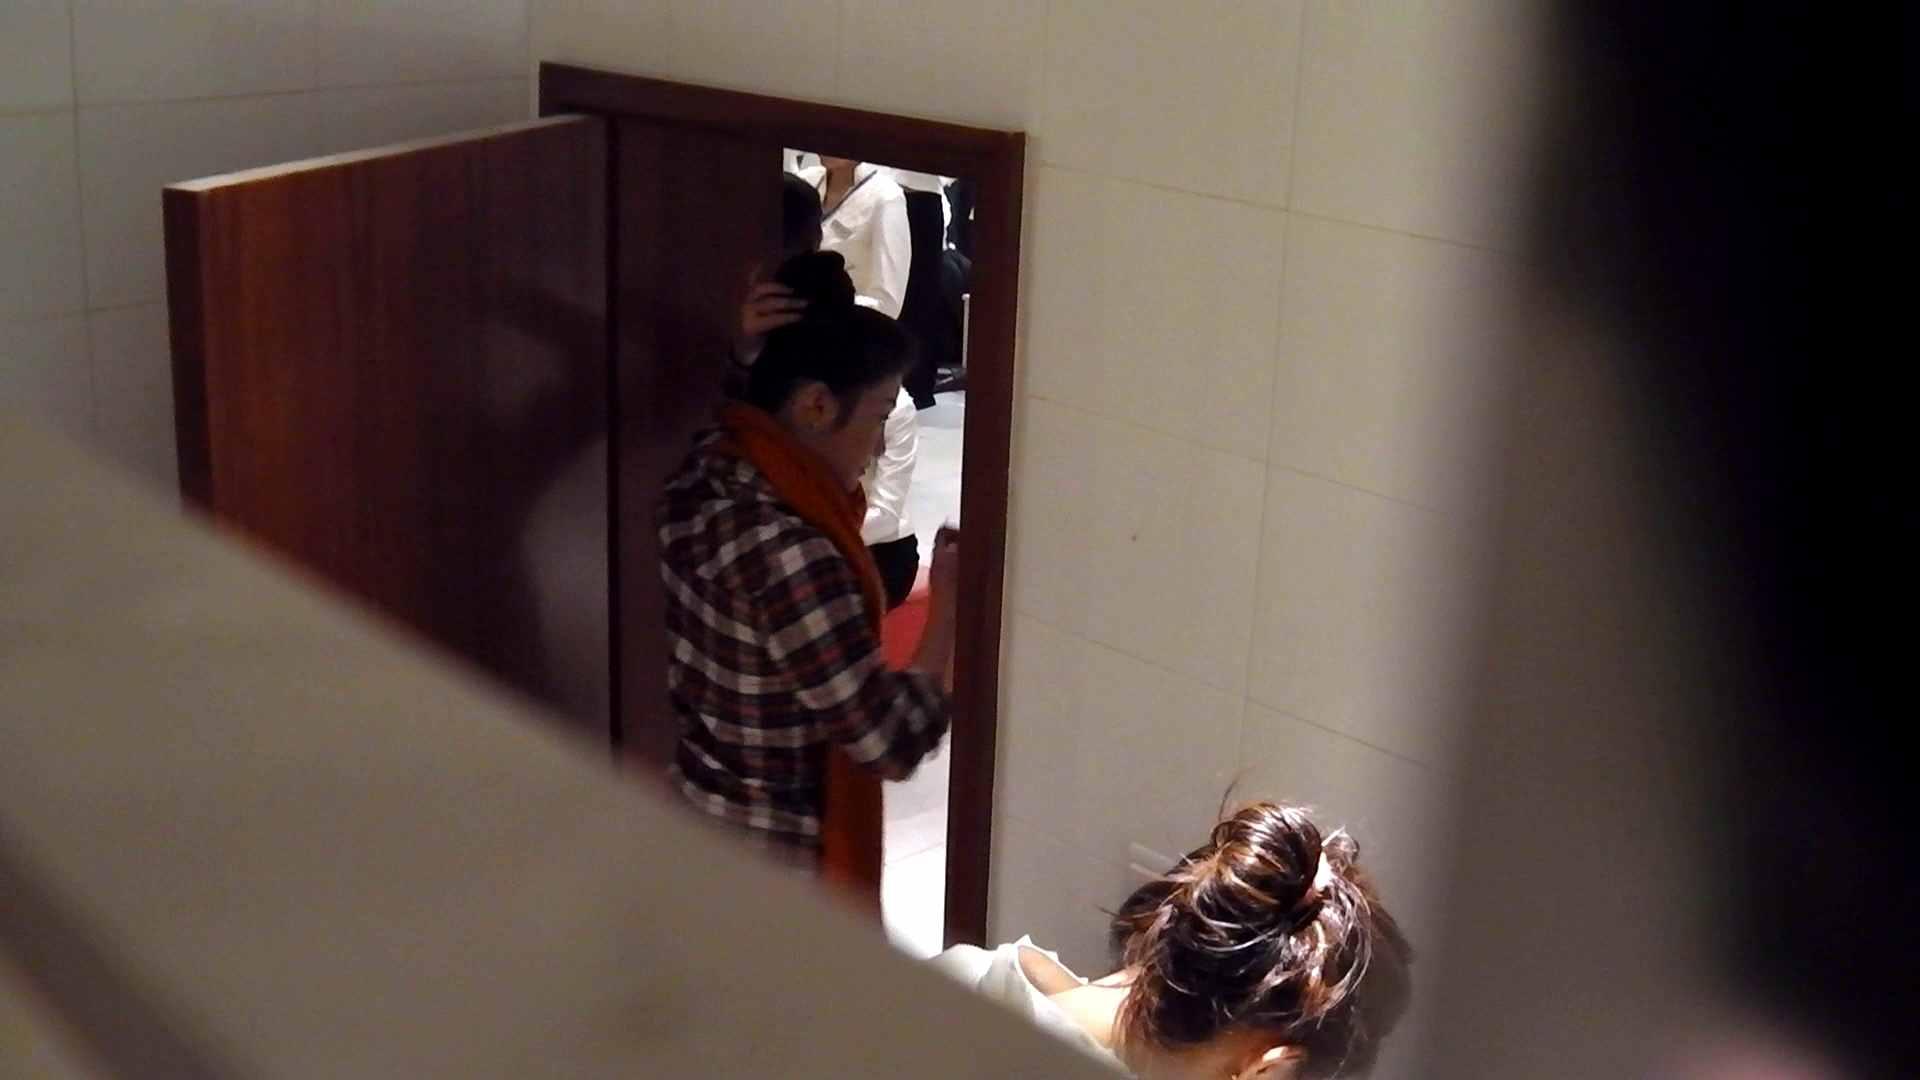 洗寿観音さんの 化粧室は四面楚歌Nol.2 丸見え  73PIX 20